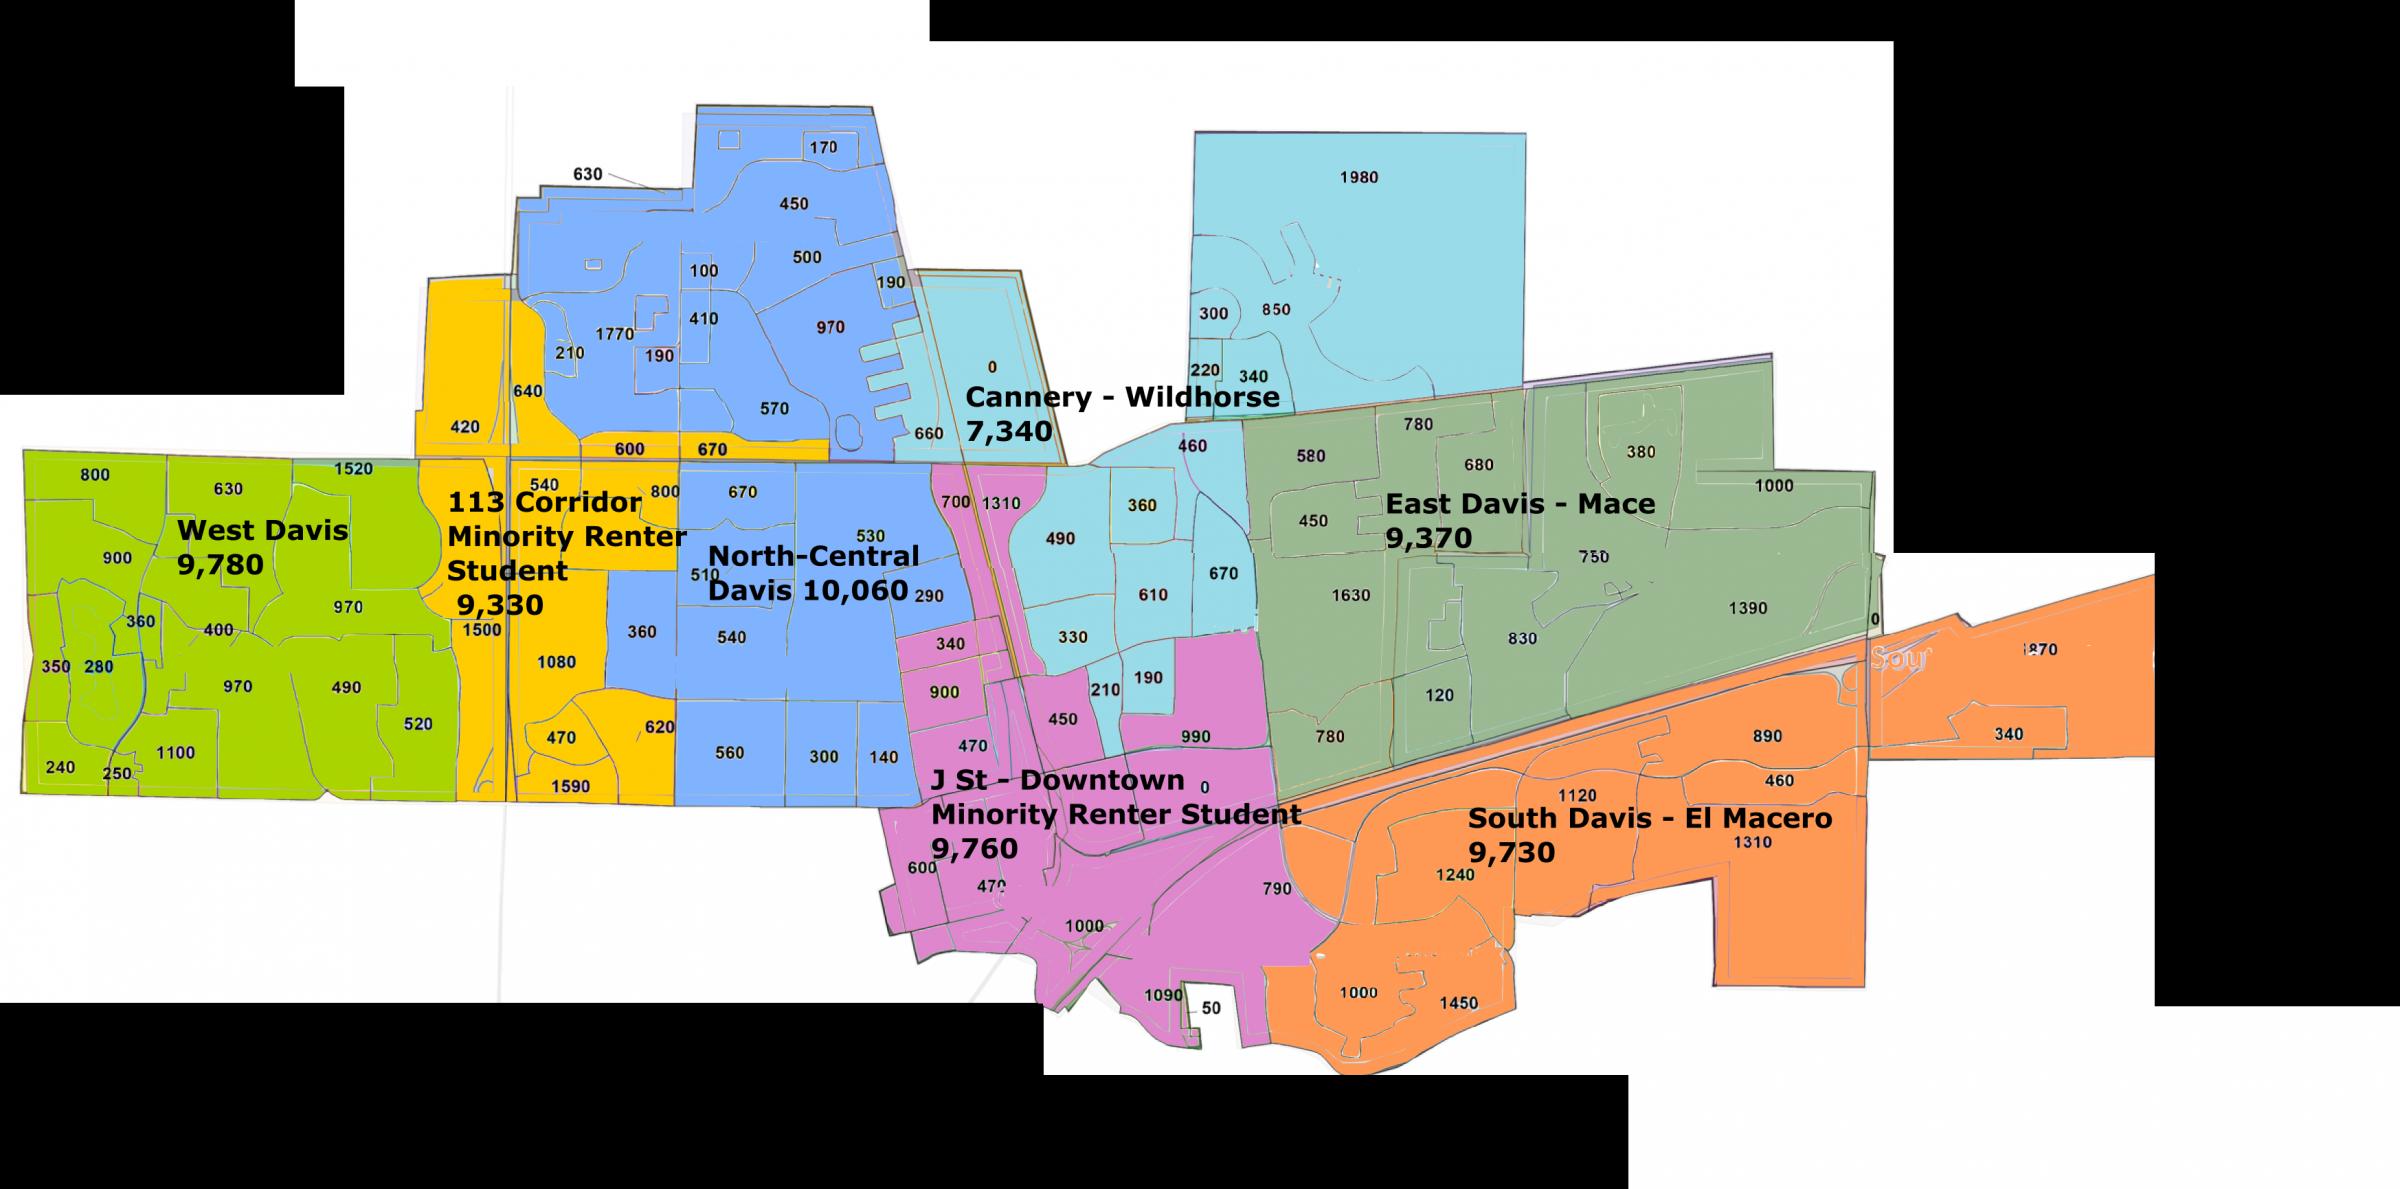 https://www.davisvanguard.org/wp-content/uploads/2019/10/Davis-by-Precinct-Map-Student-Districts-e1570006735167.png